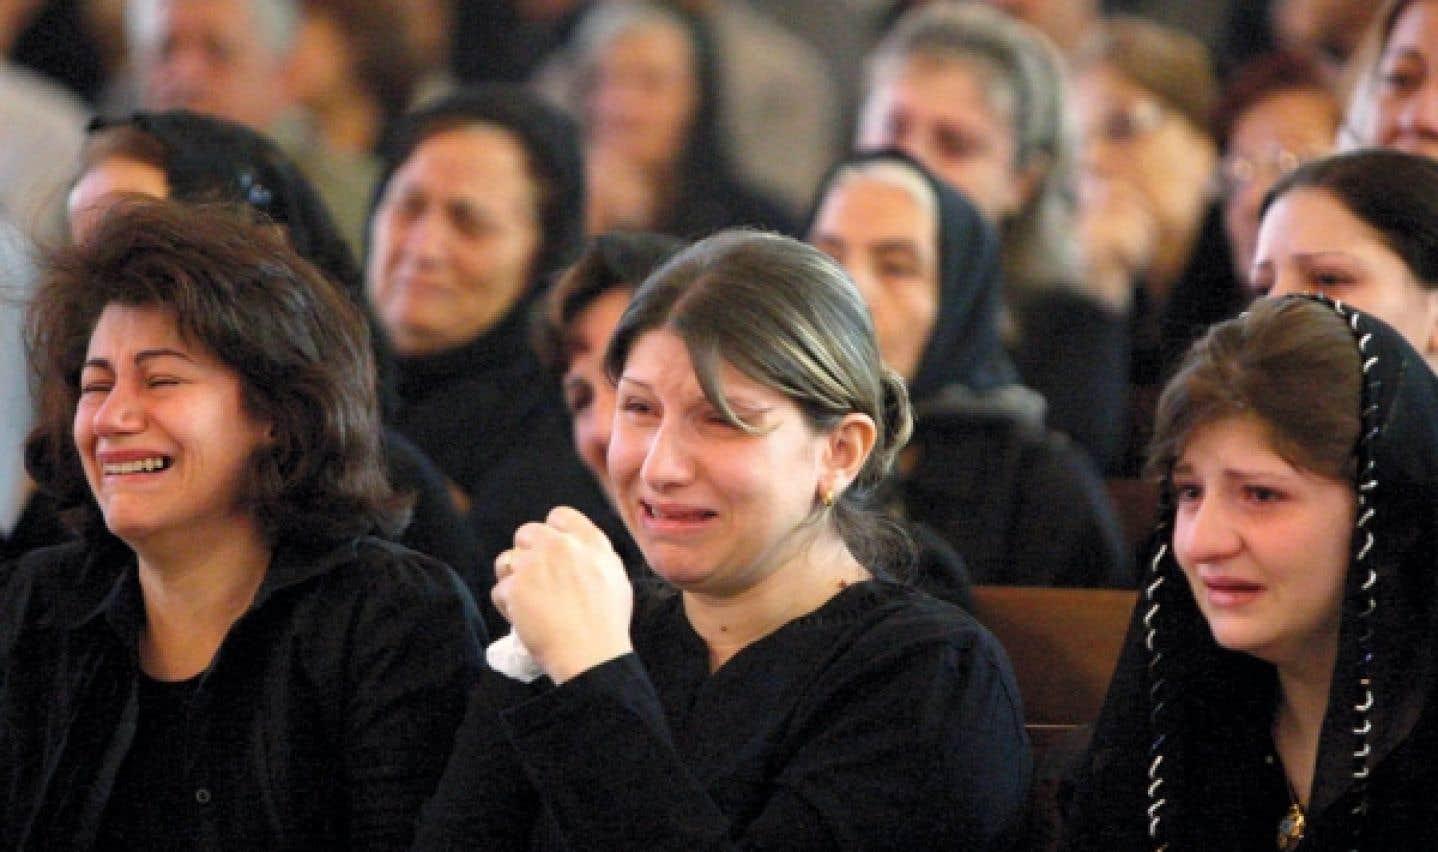 Des femmes pleurent leurs proches qui faisaient partie des 58 personnes mortes dans l'attaque d'une église catholique de Bagdad en octobre 2010.